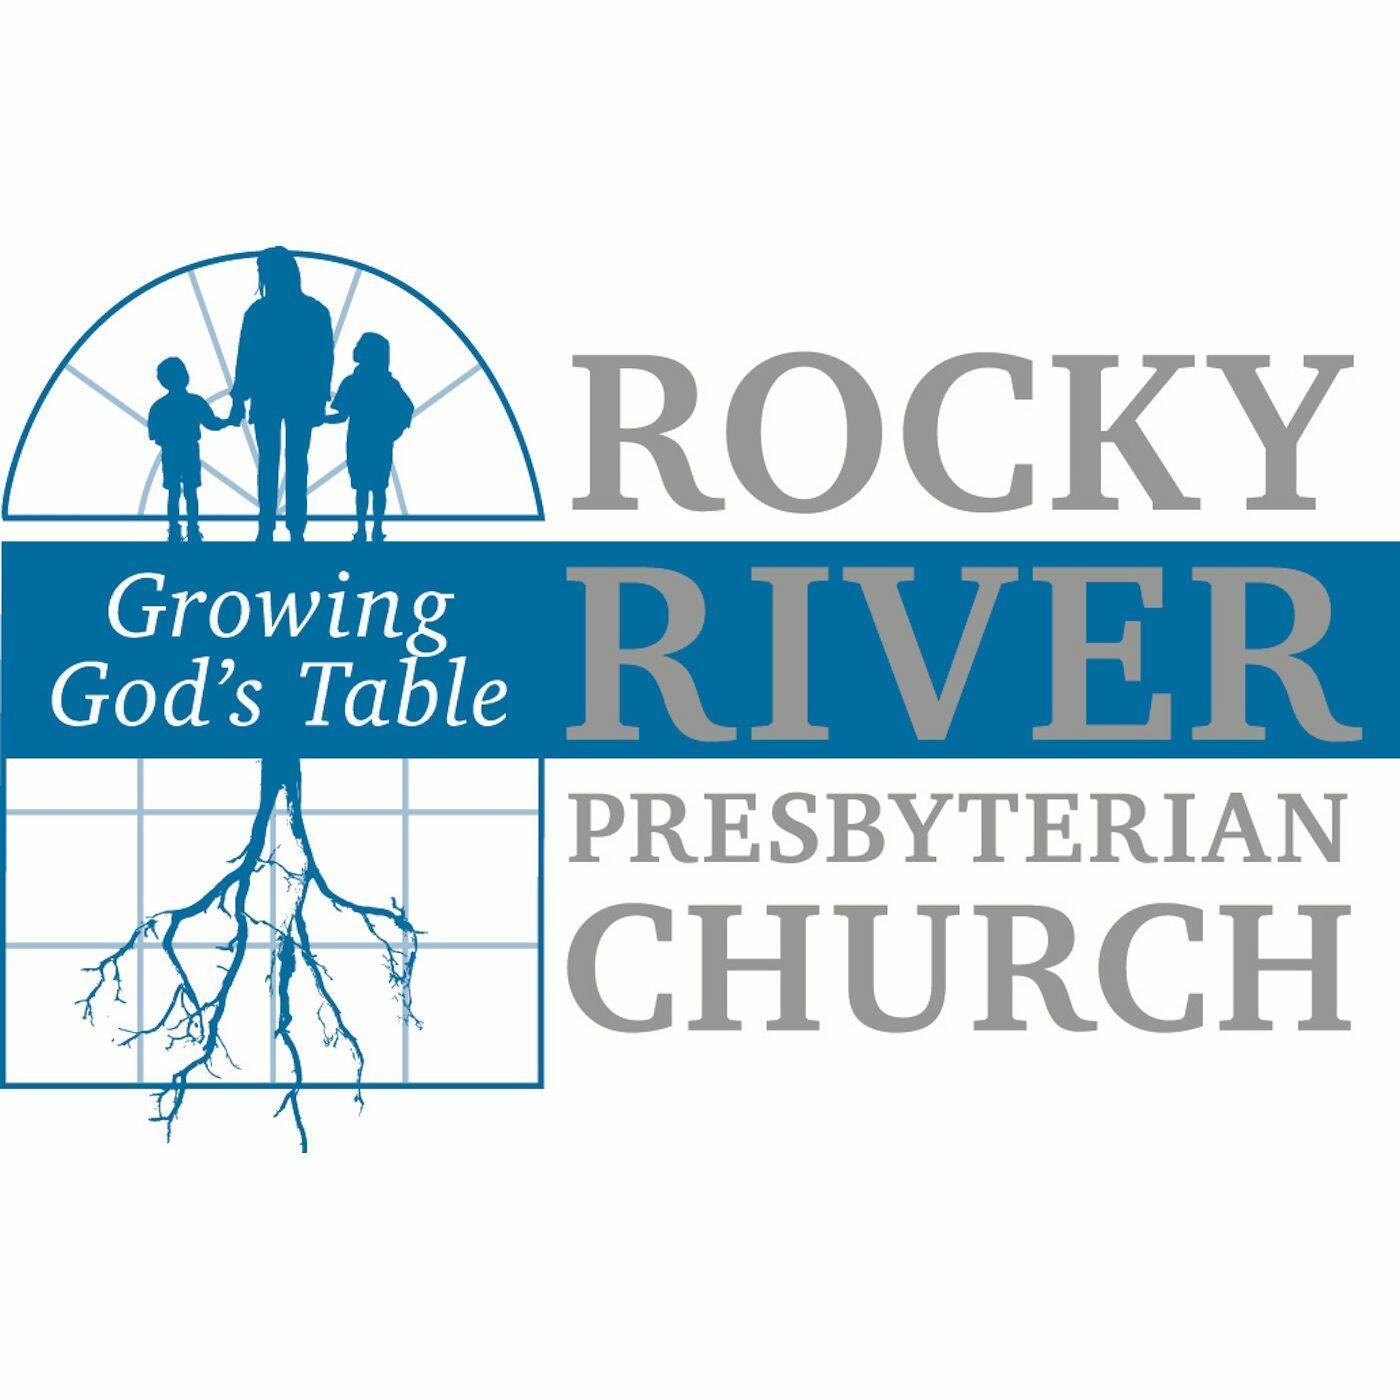 Rocky River Presbyterian Church